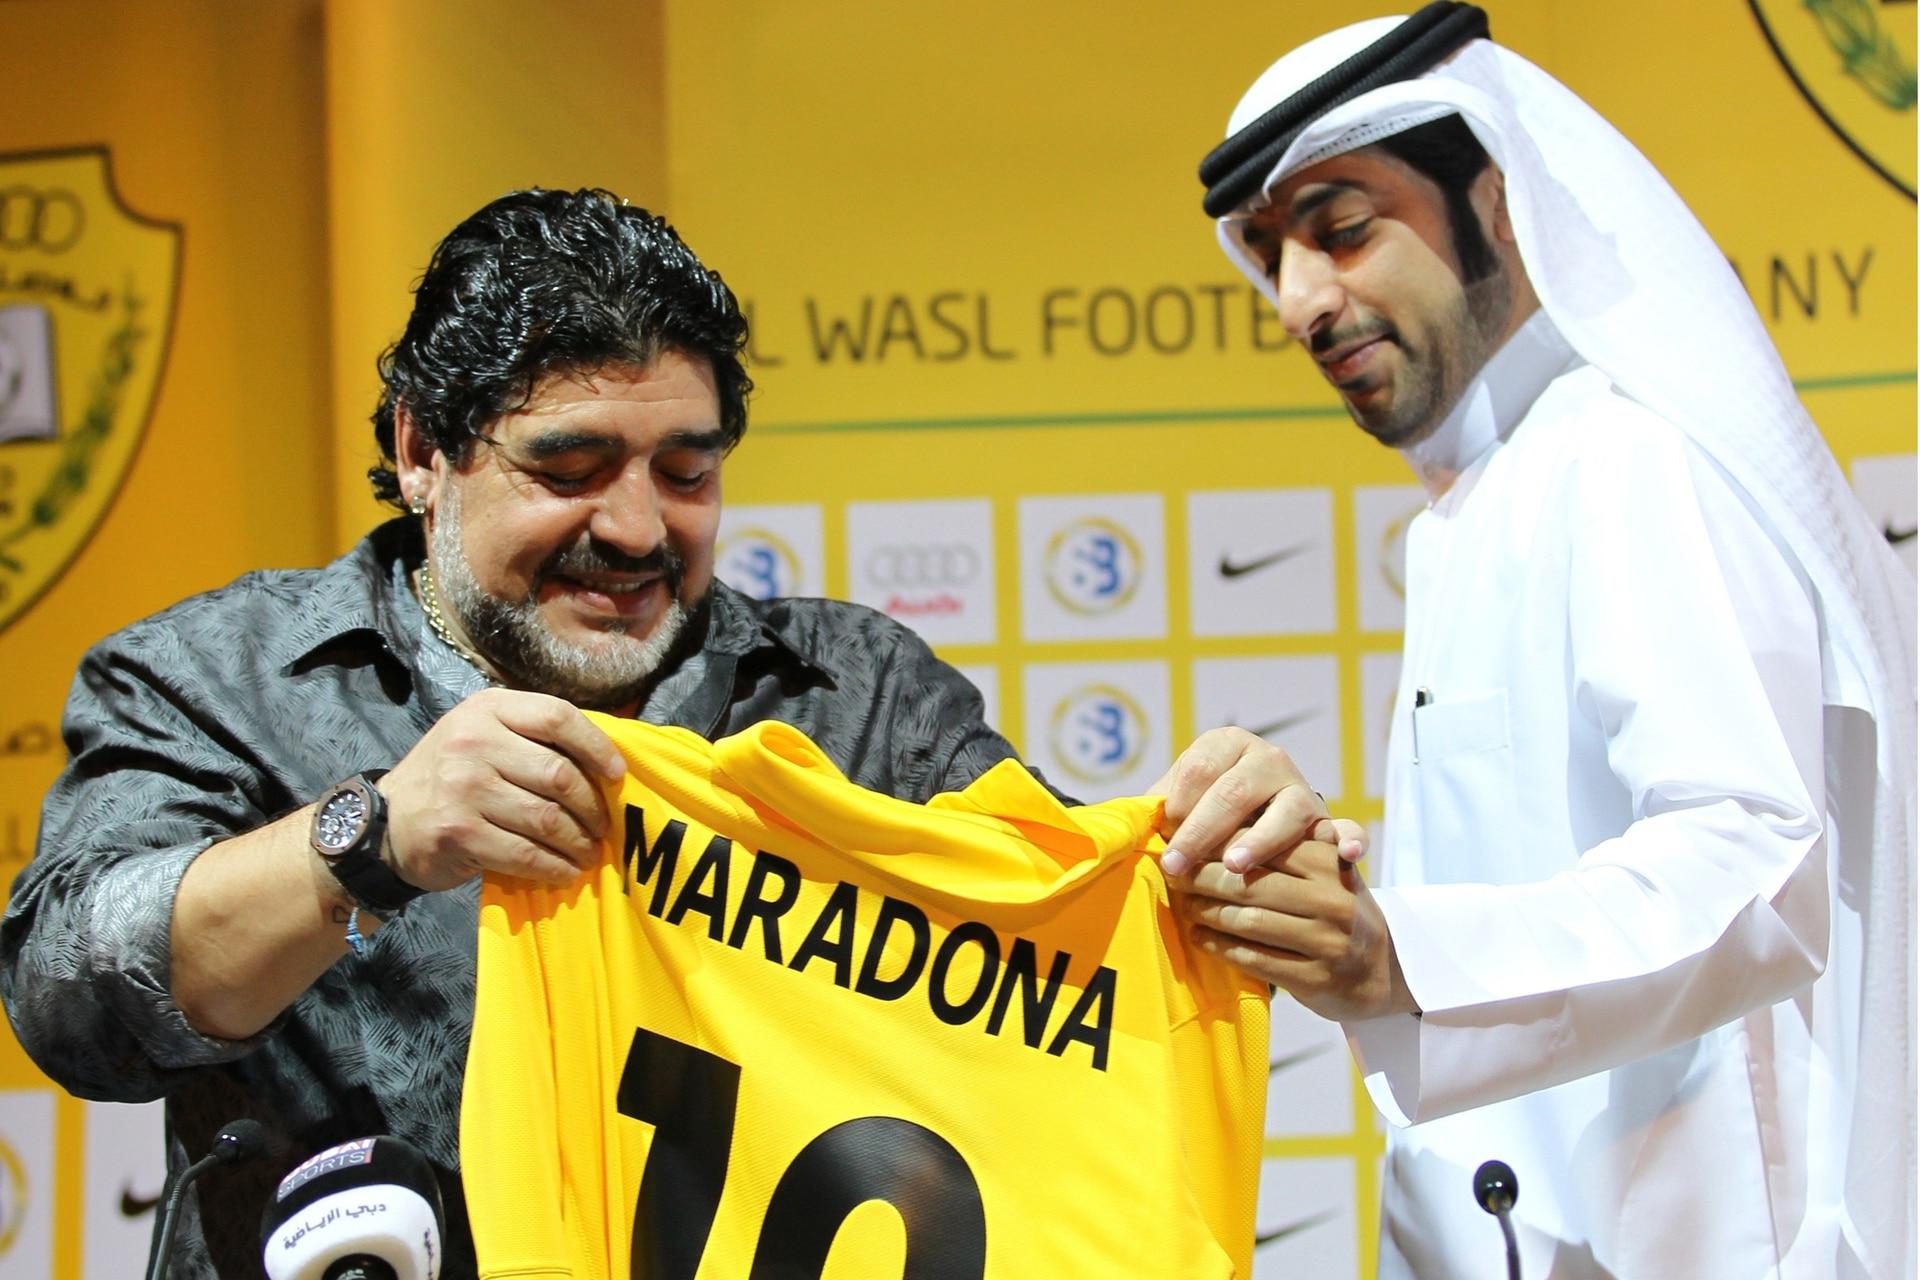 Emiratos Árabes. La presentación de Maradona en el Al Wasl, a mediados de 2011